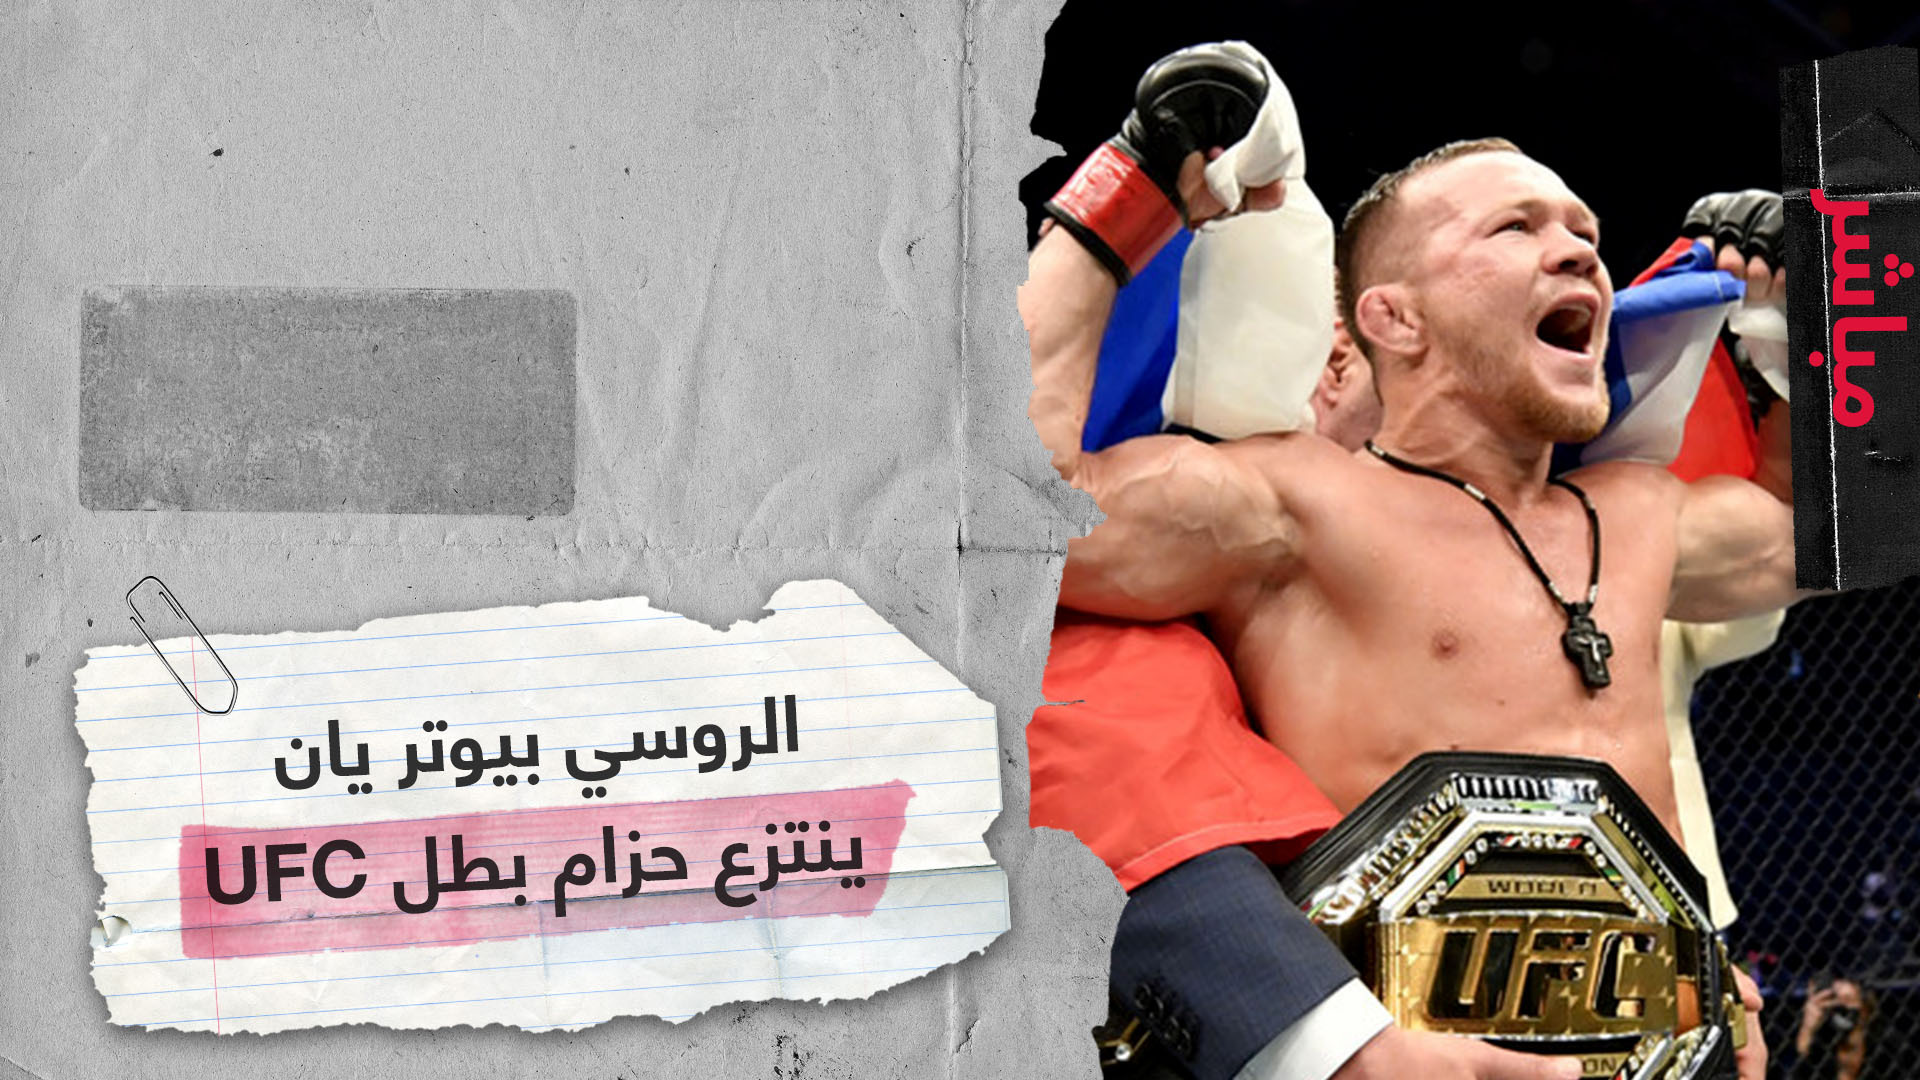 الروسي بيوتر يان ينتزع حزام UFC للفنون القتالية المختلطة في